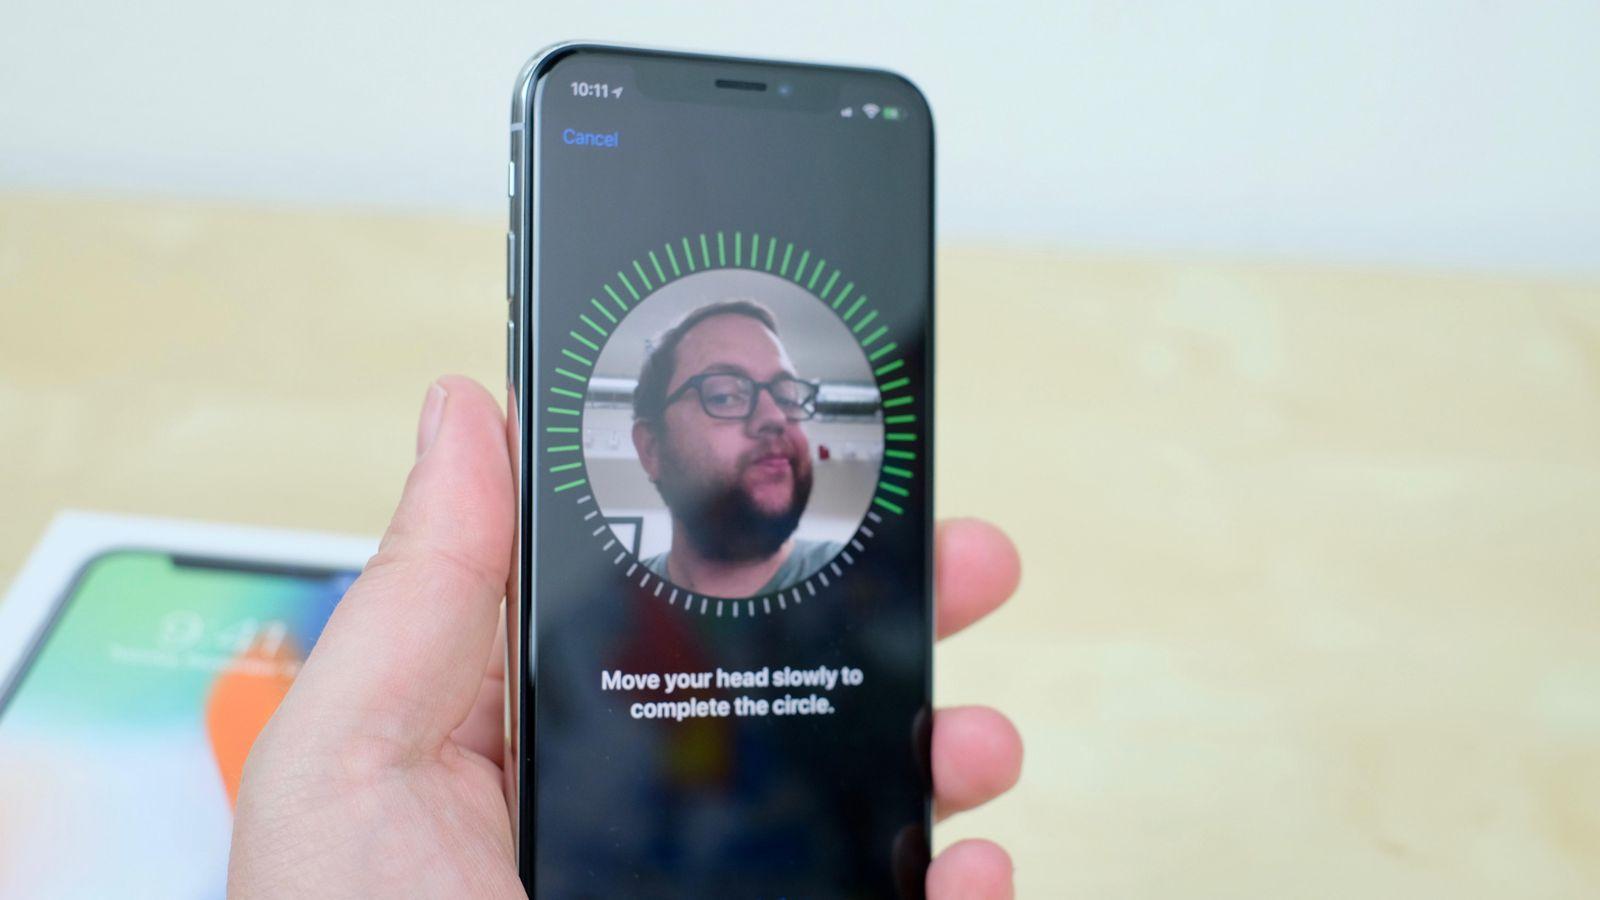 iphone xsmax khong nhan dien khuon mat 1 Cách sửa lỗi Iphone Xs Max không nhận diện khuôn mặt